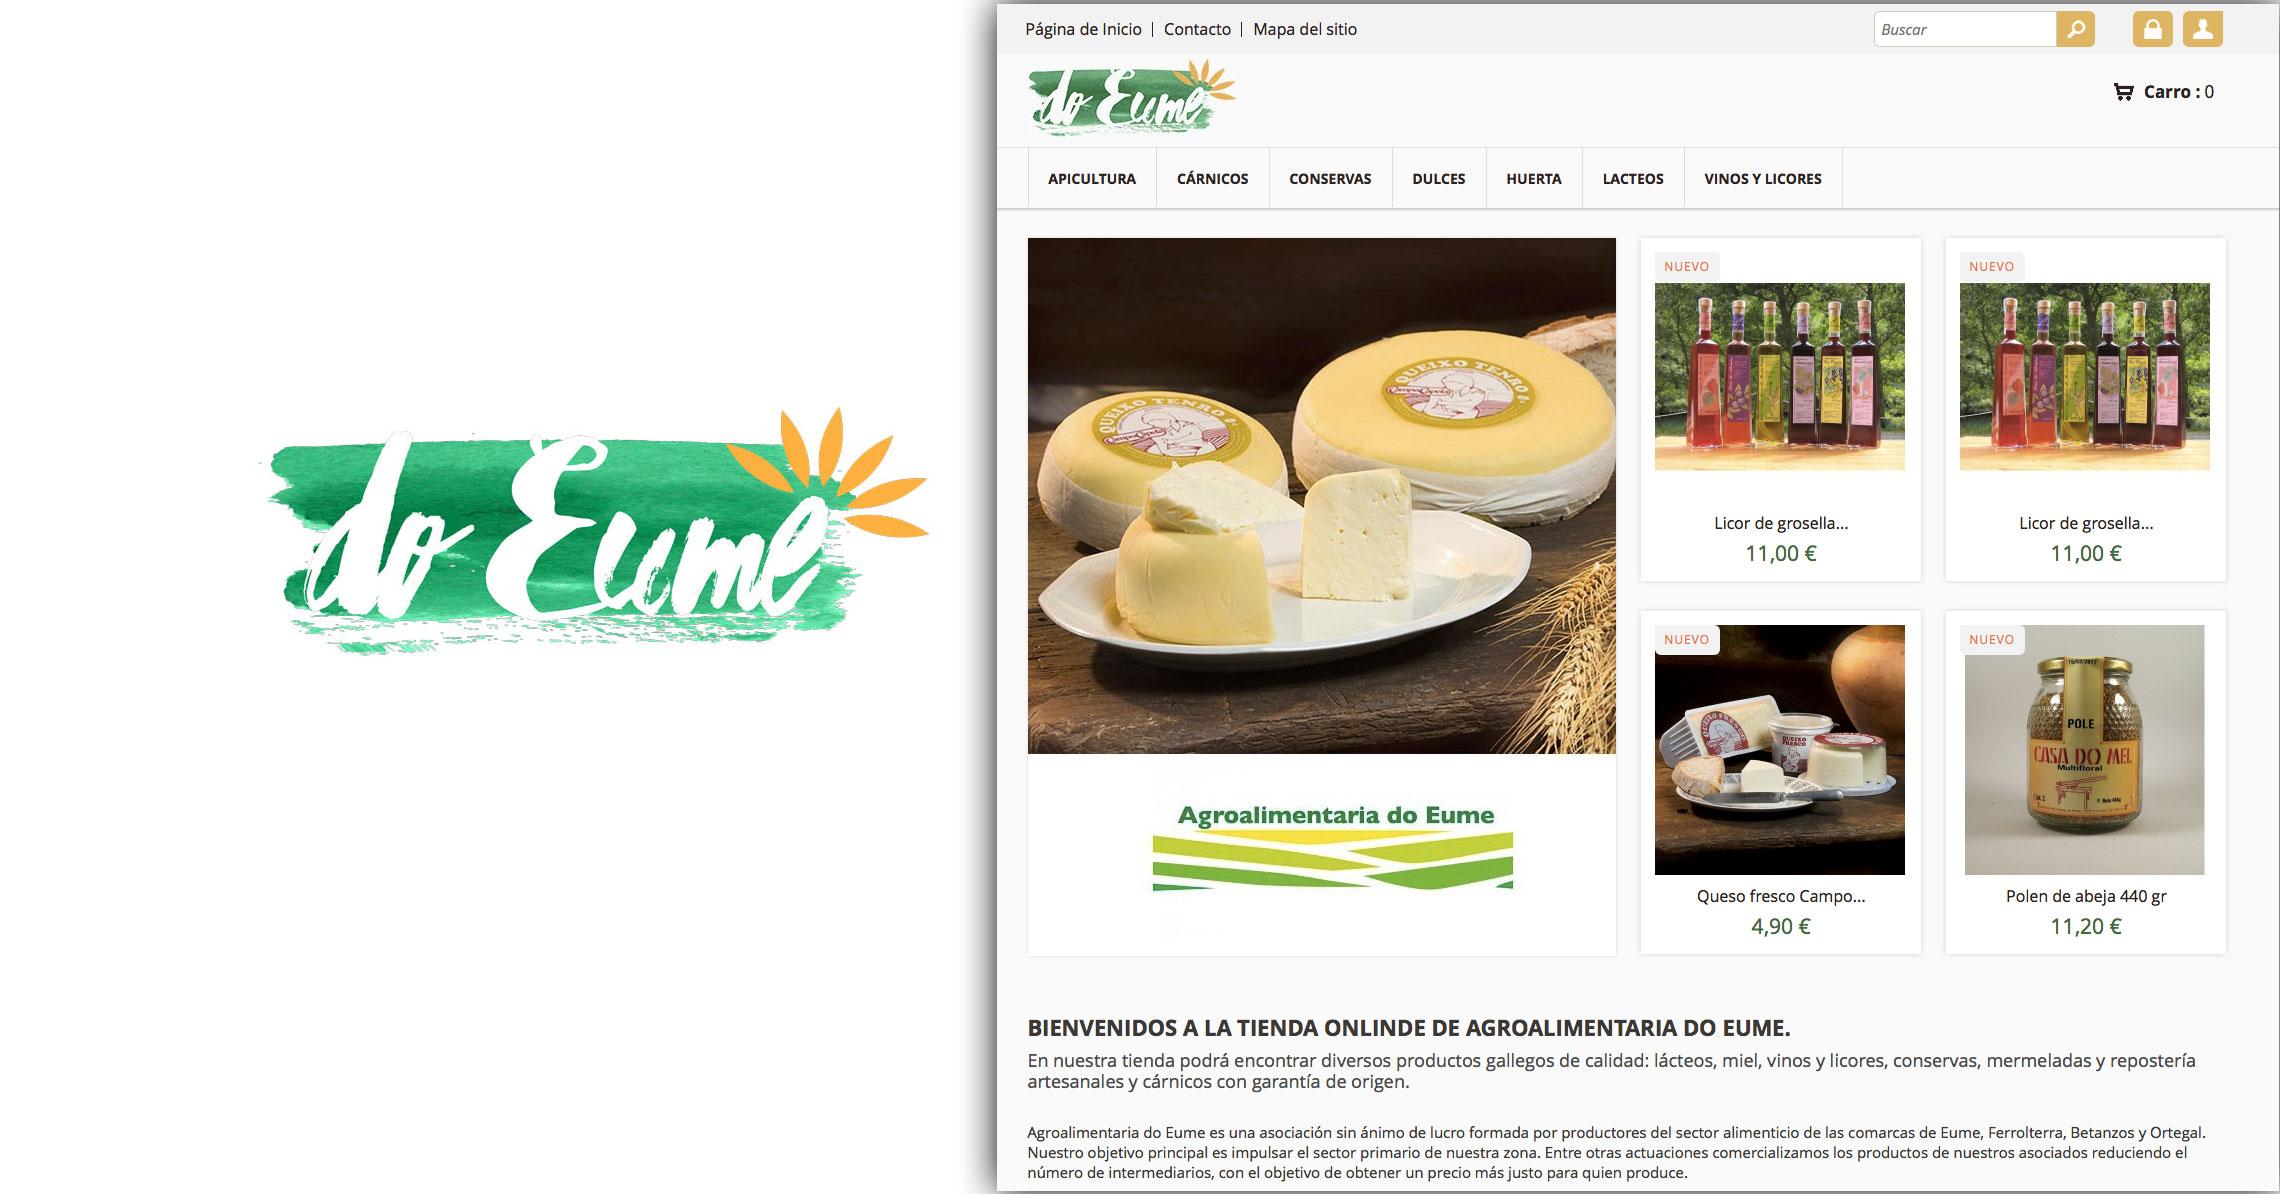 Agroalimentaria do Eume abre a súa nova tenda on-line